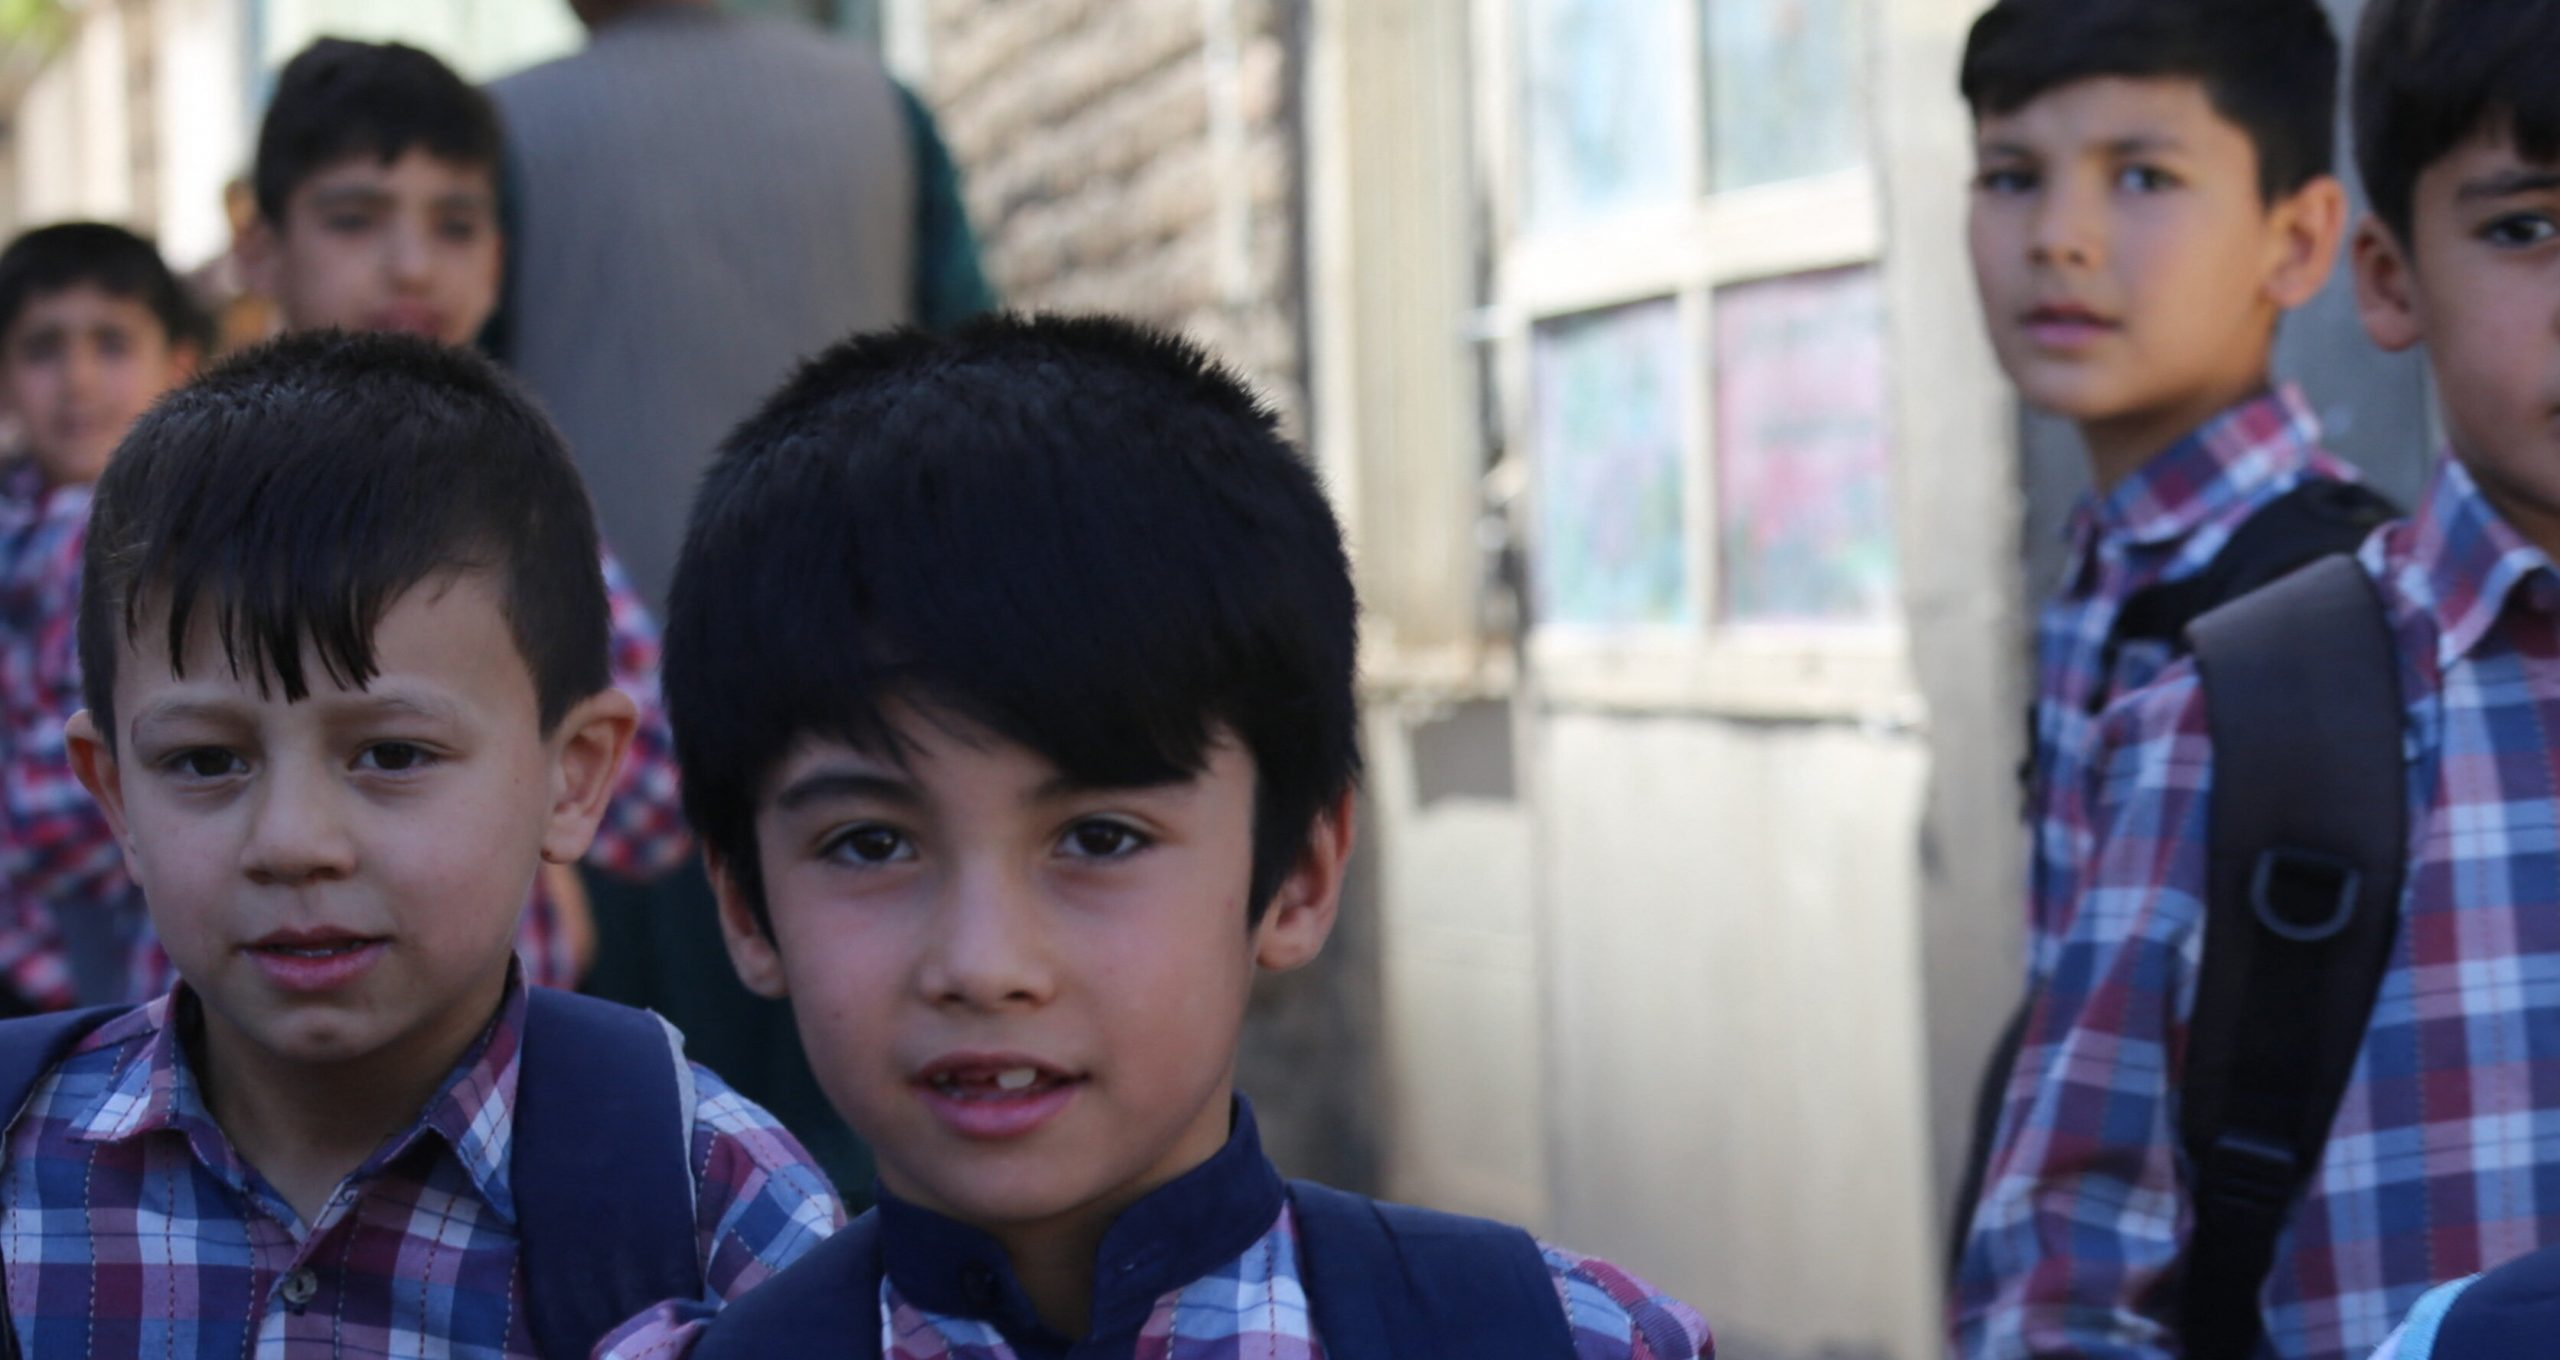 Școlile și liceele se redeschid doar pentru băieți, în Afganistan